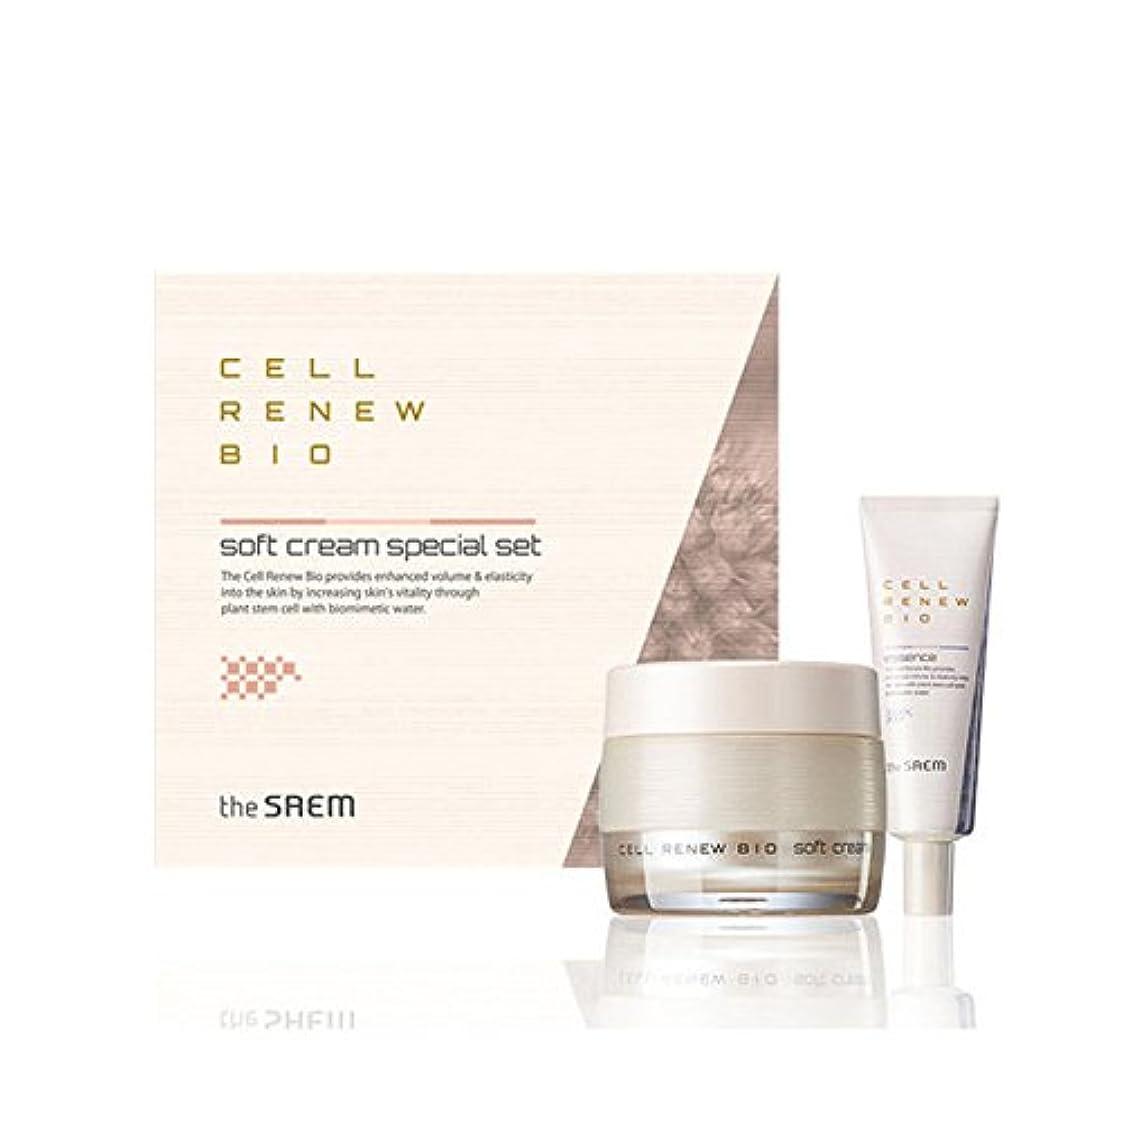 倒錯聖人省[ザセム] The Saem セルリニュー バイオ クリーム スペシャルセット Cell Renew Bio Cream Special Set (海外直送品) [並行輸入品]